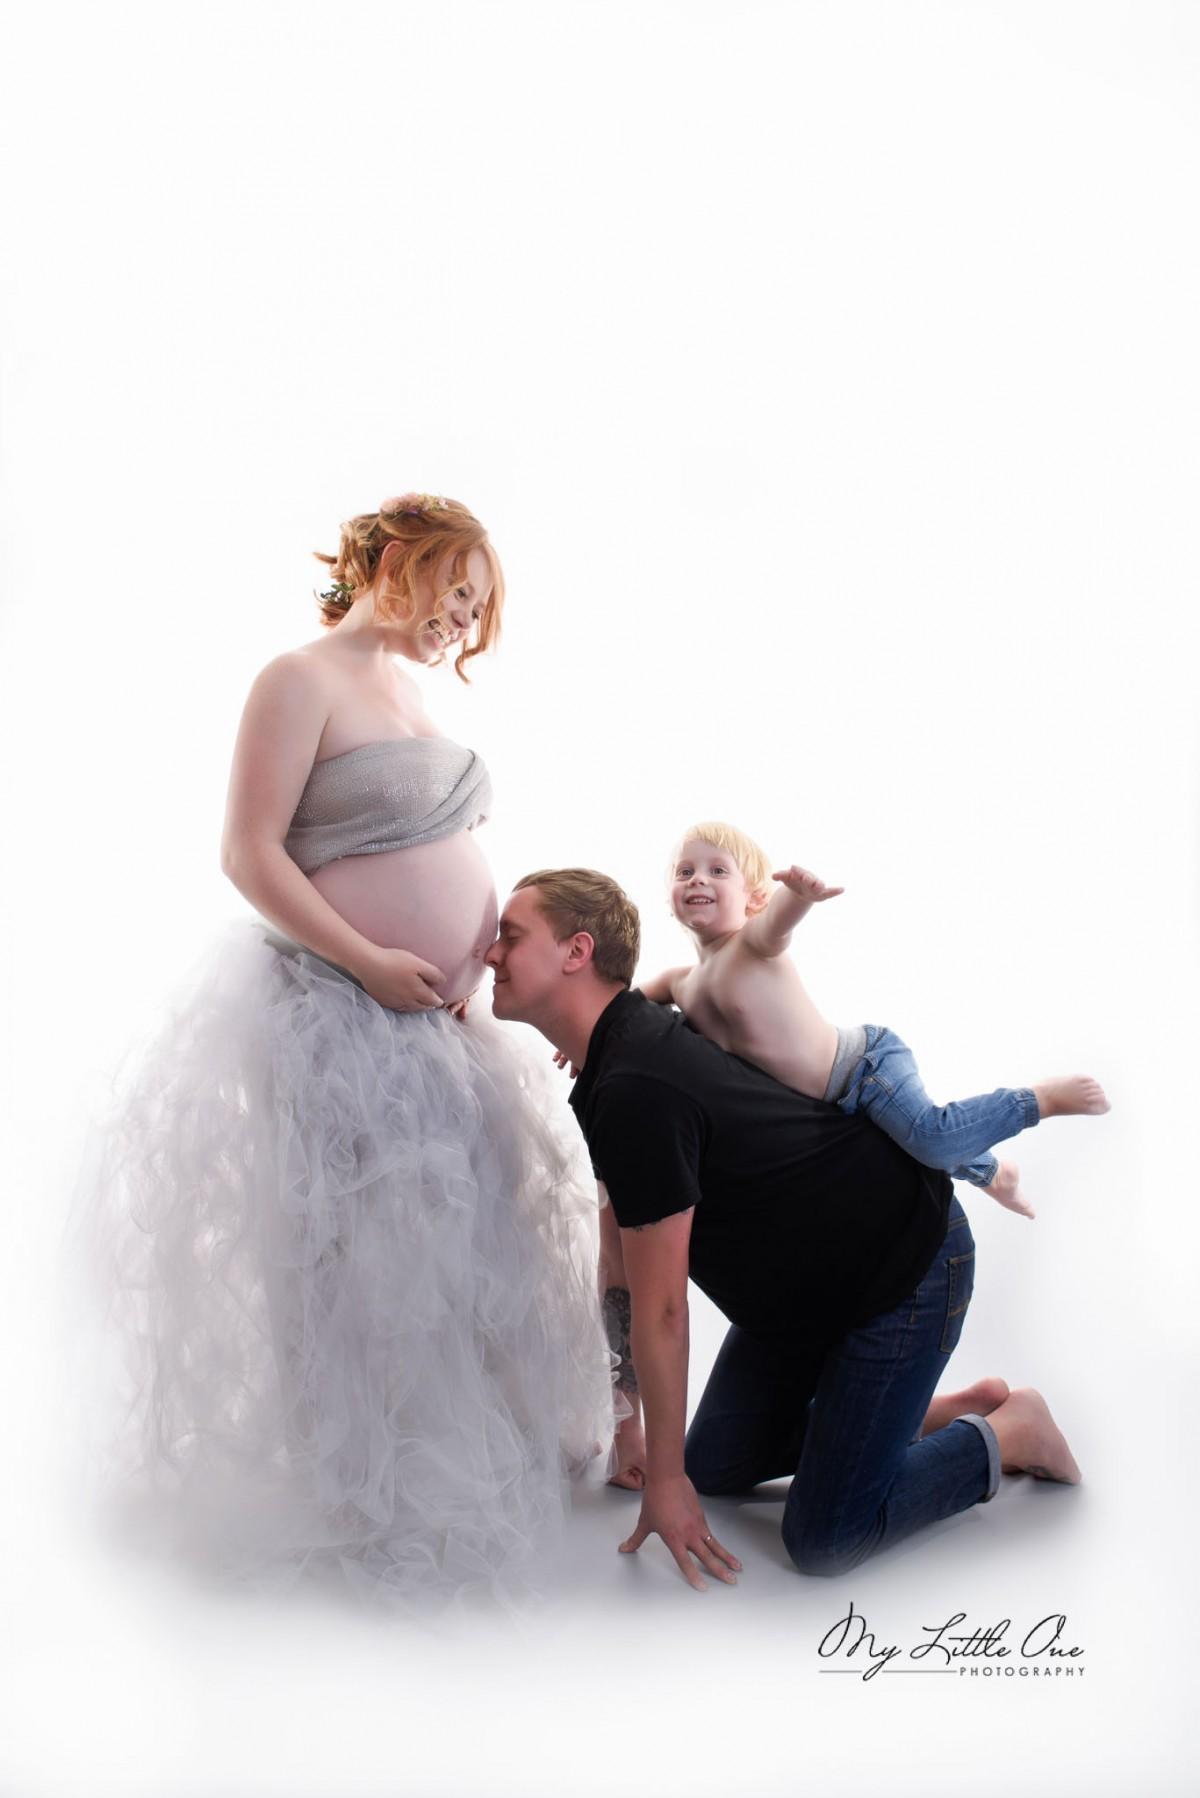 Sydney-Maternity-Photo-AmyM-00002